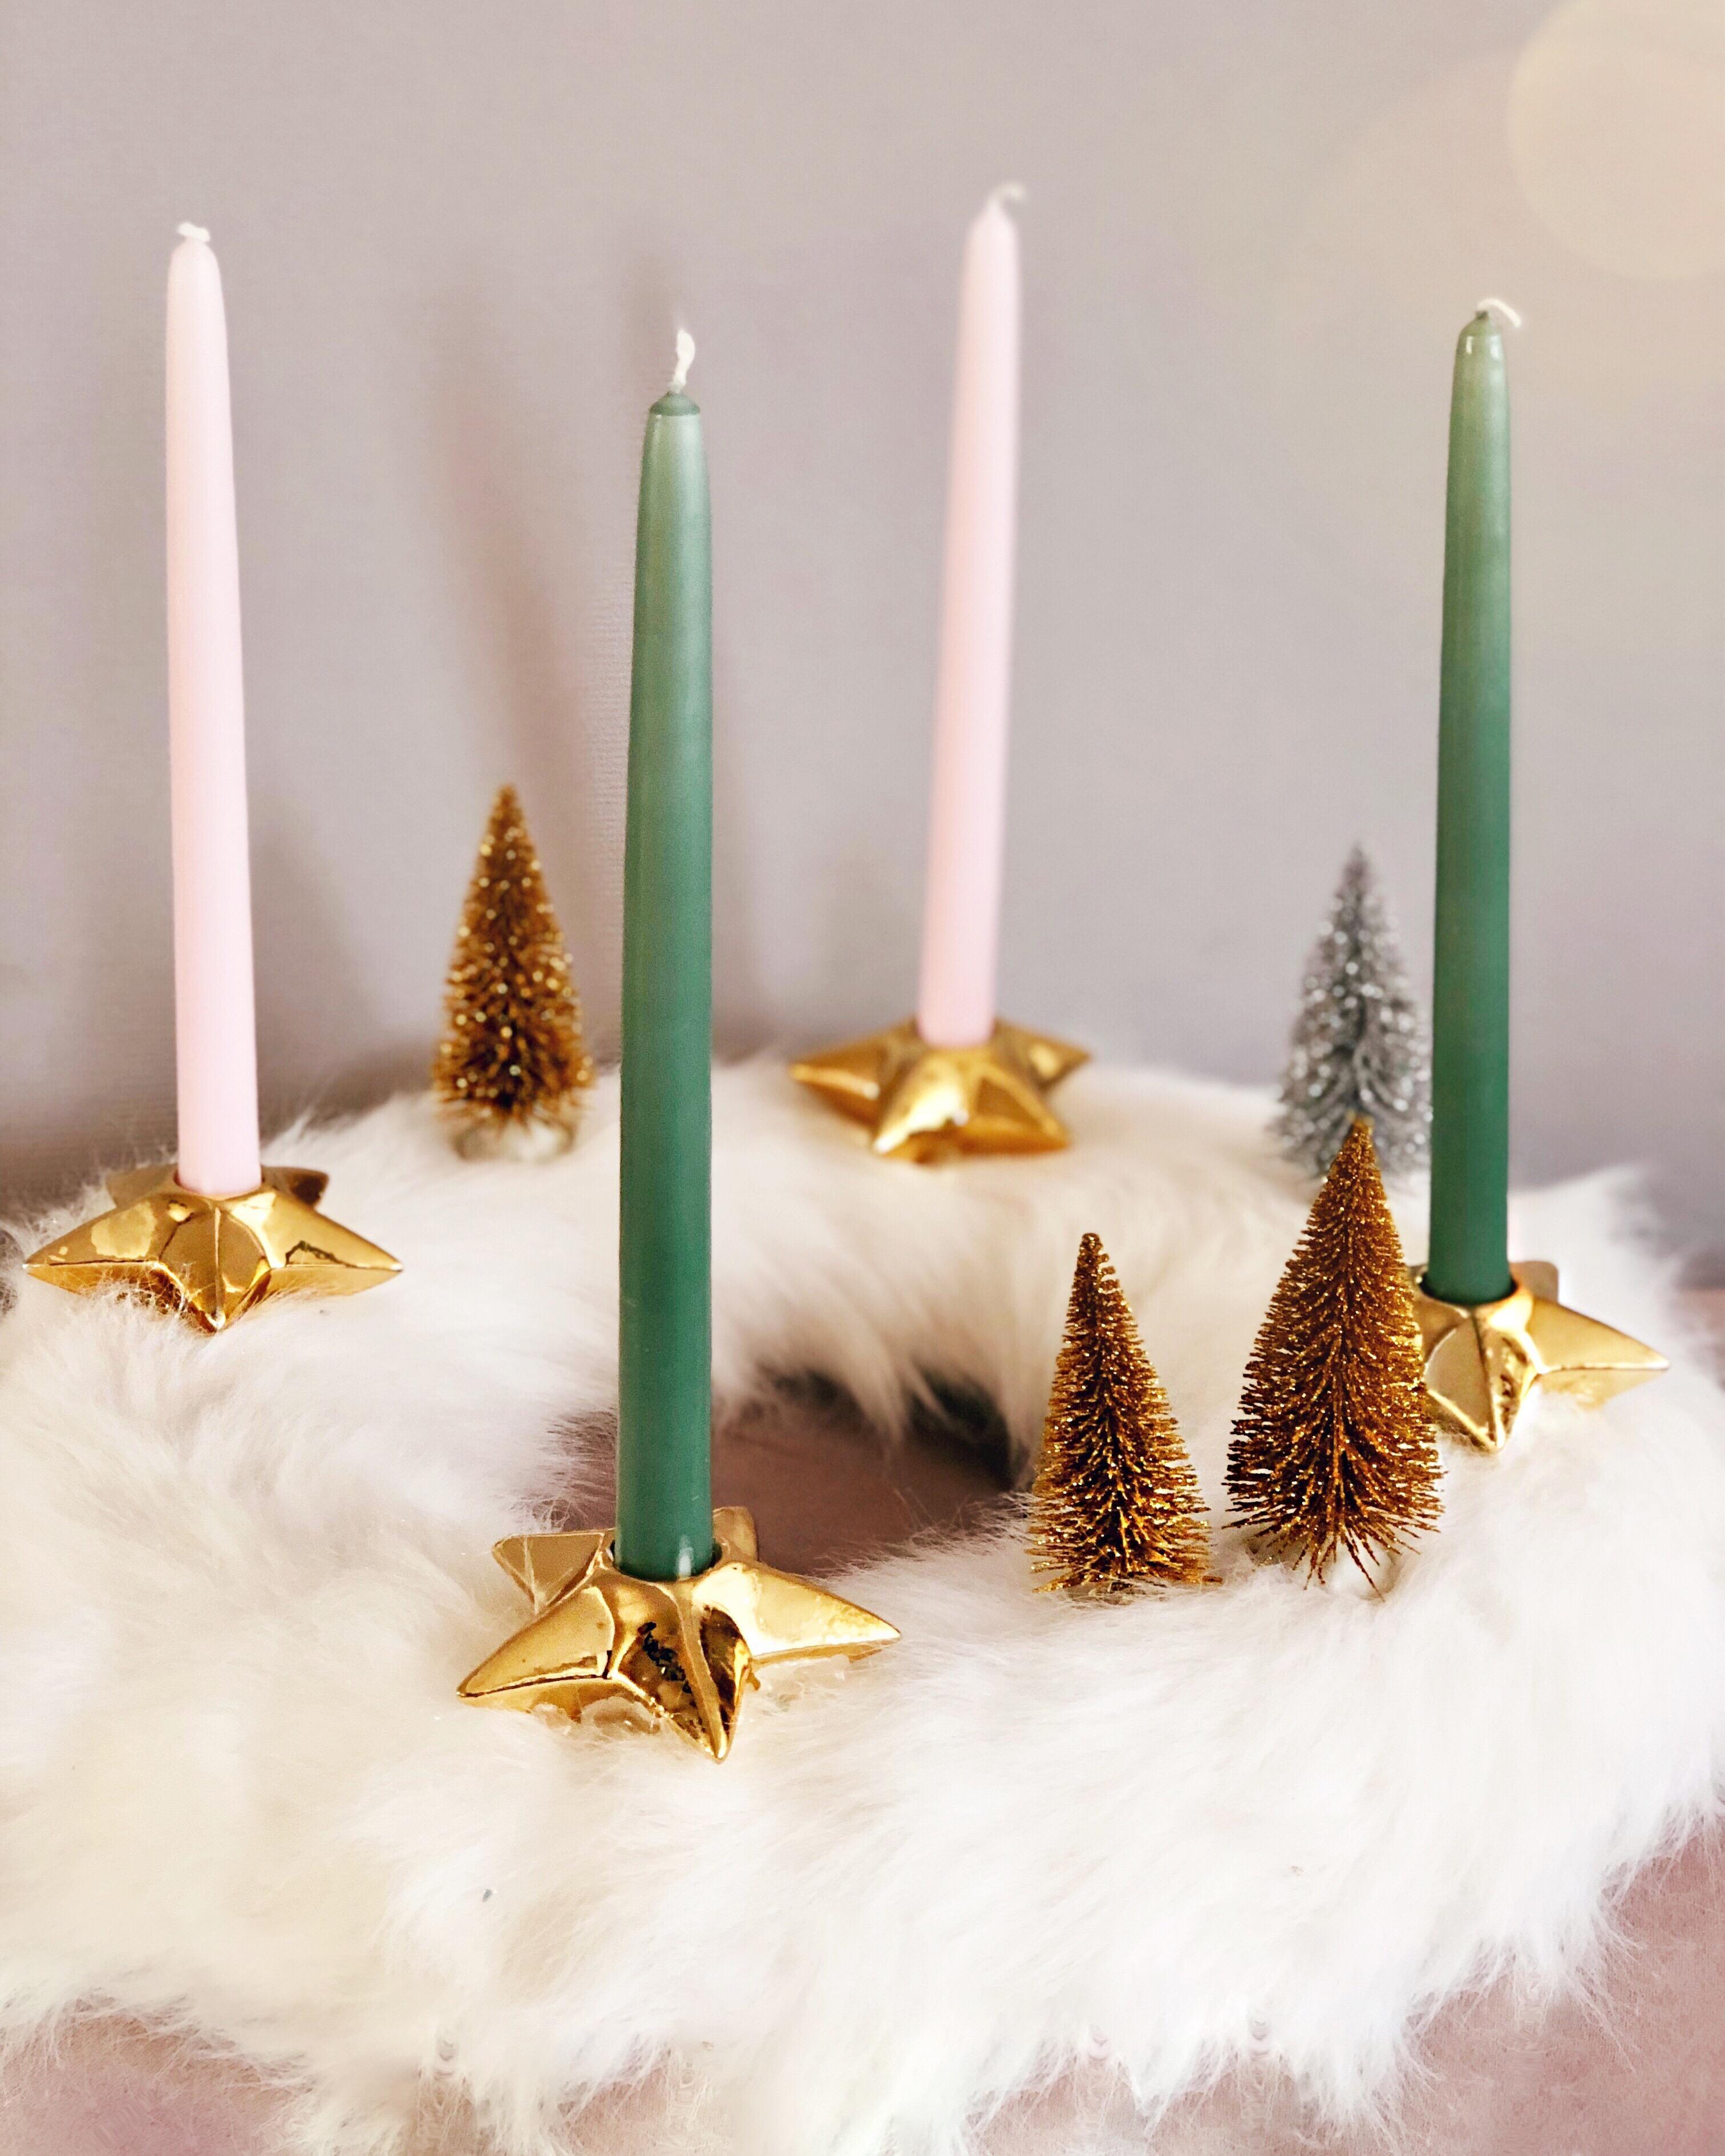 Weihnachtsdeko Für Adventskranz.Weihnachtsdeko Weihnachten Adventskranz Basteln